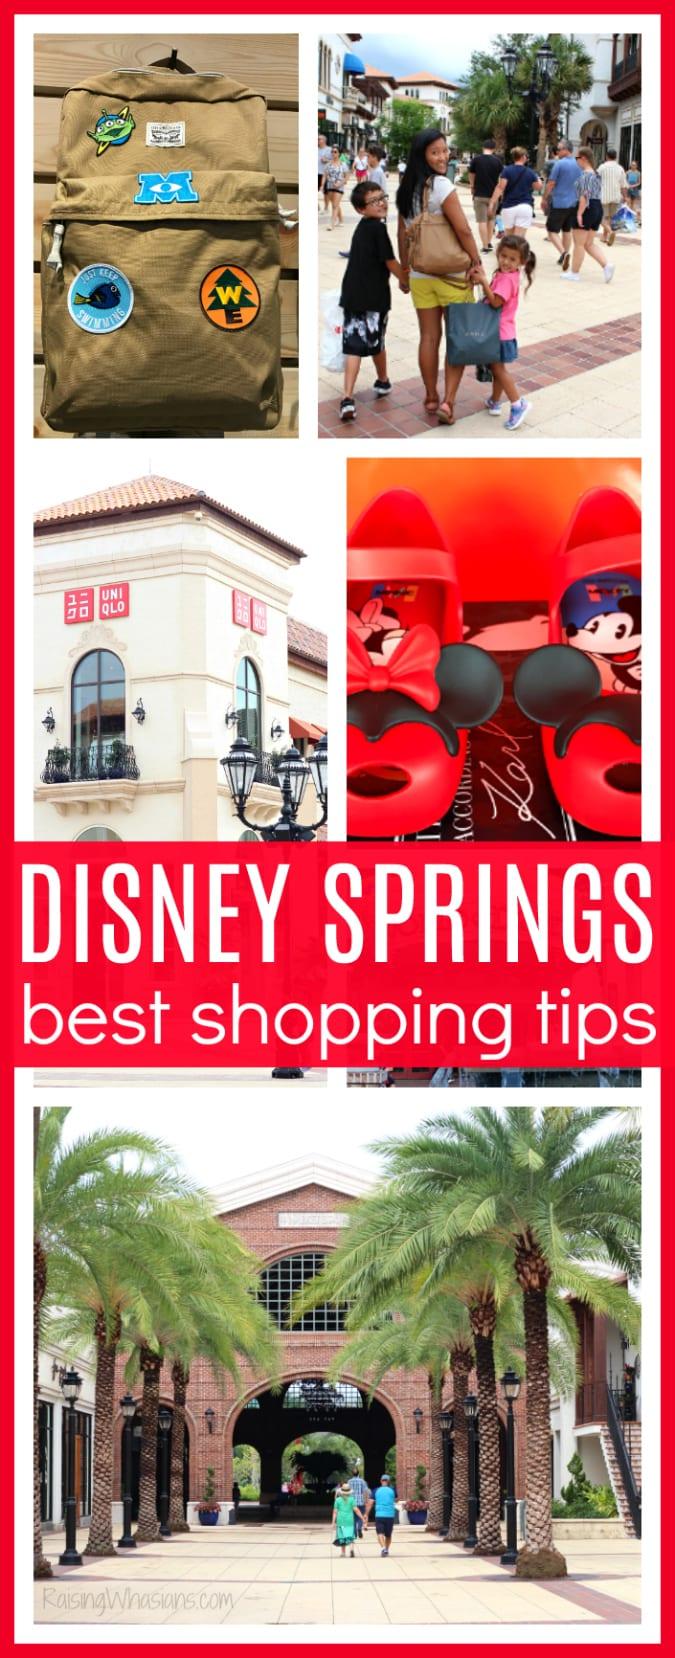 Disney springs shopping tips pinterest